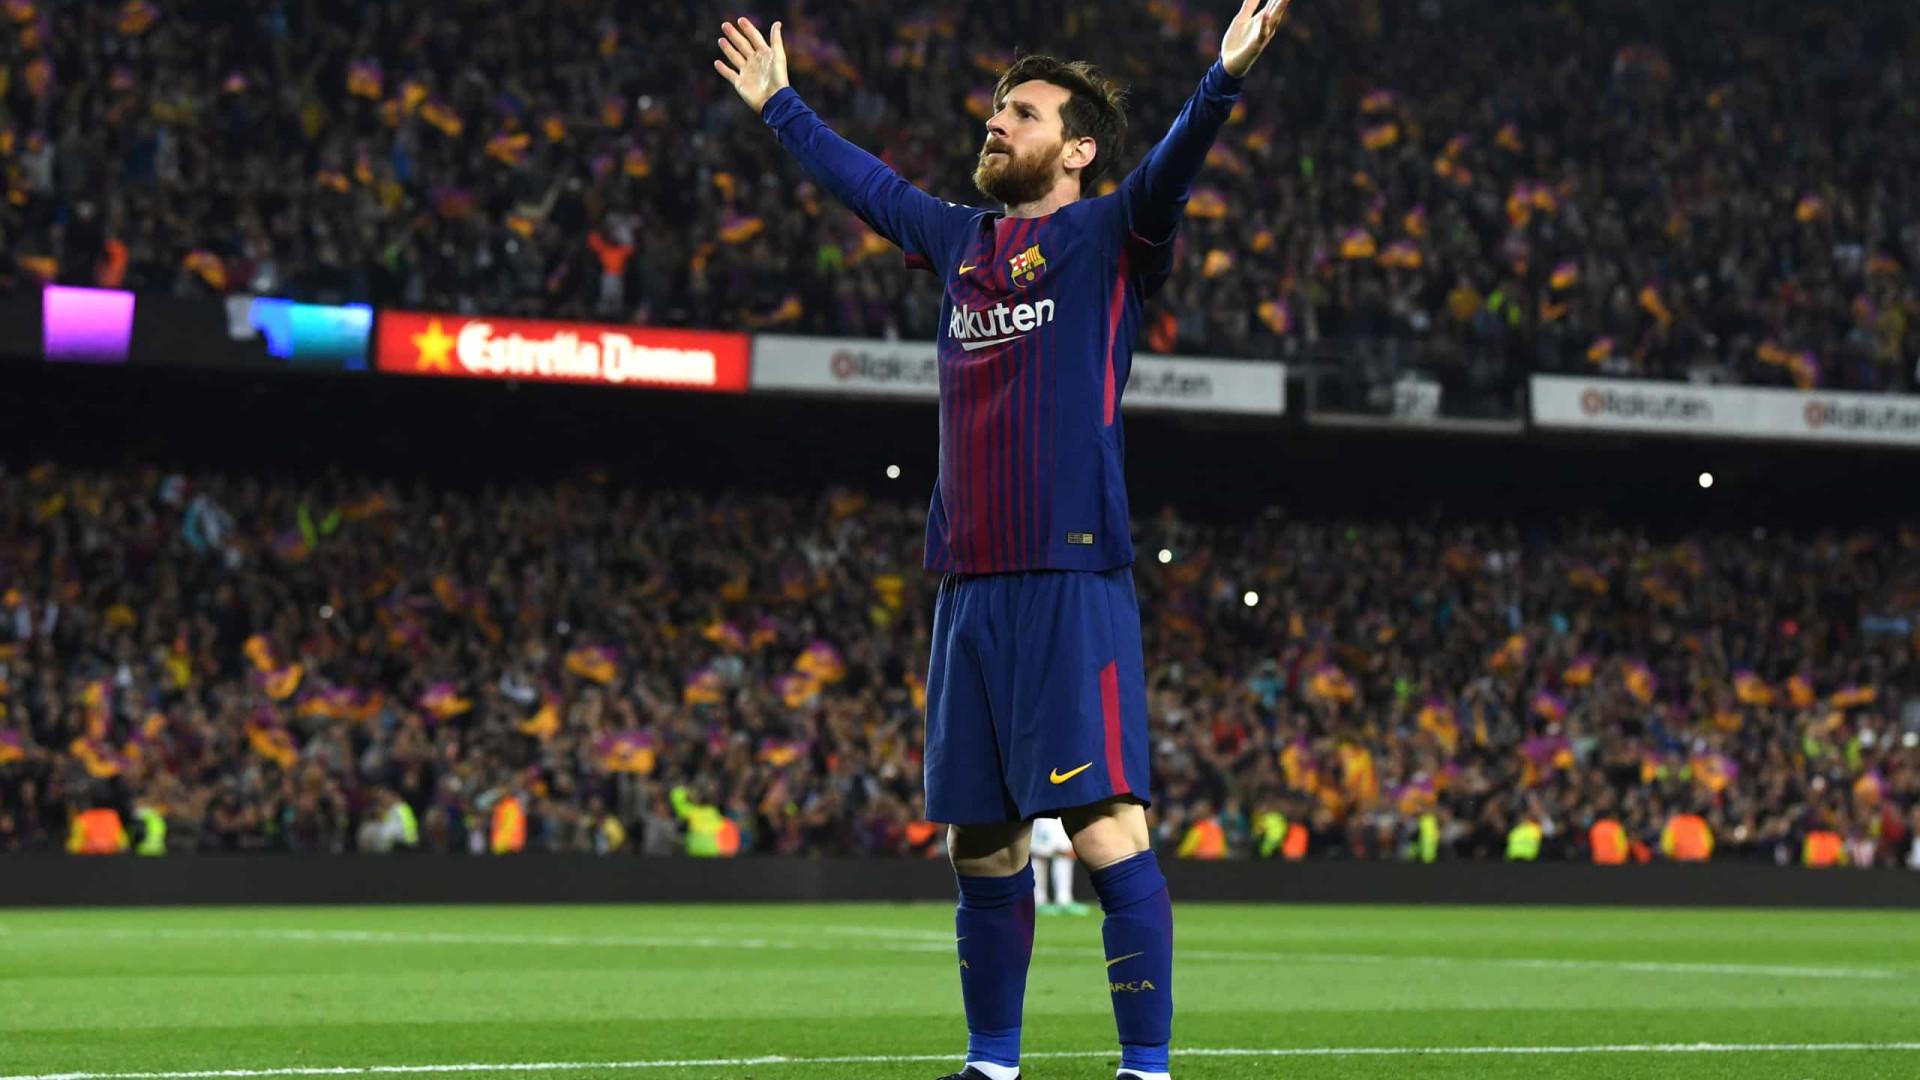 Com cavadinha, Lionel Messi chega aos 700 gols na carreira